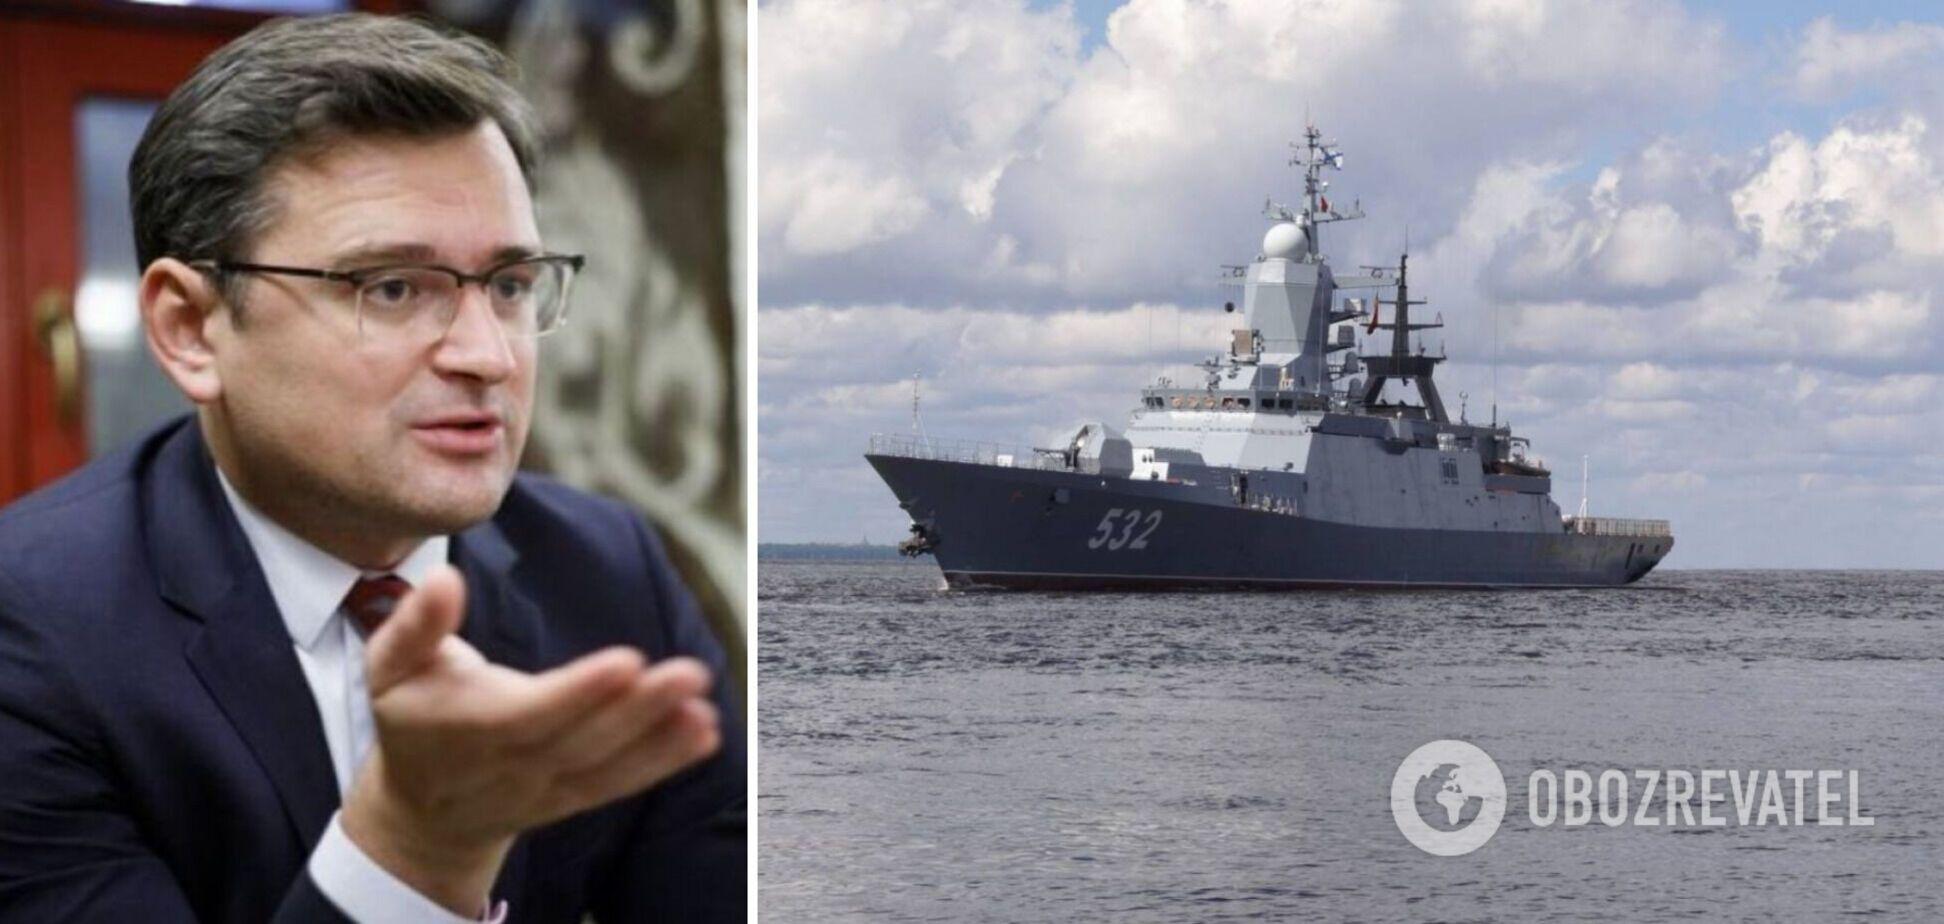 В МИД заявили о существенной угрозе для Украины в Азовском море